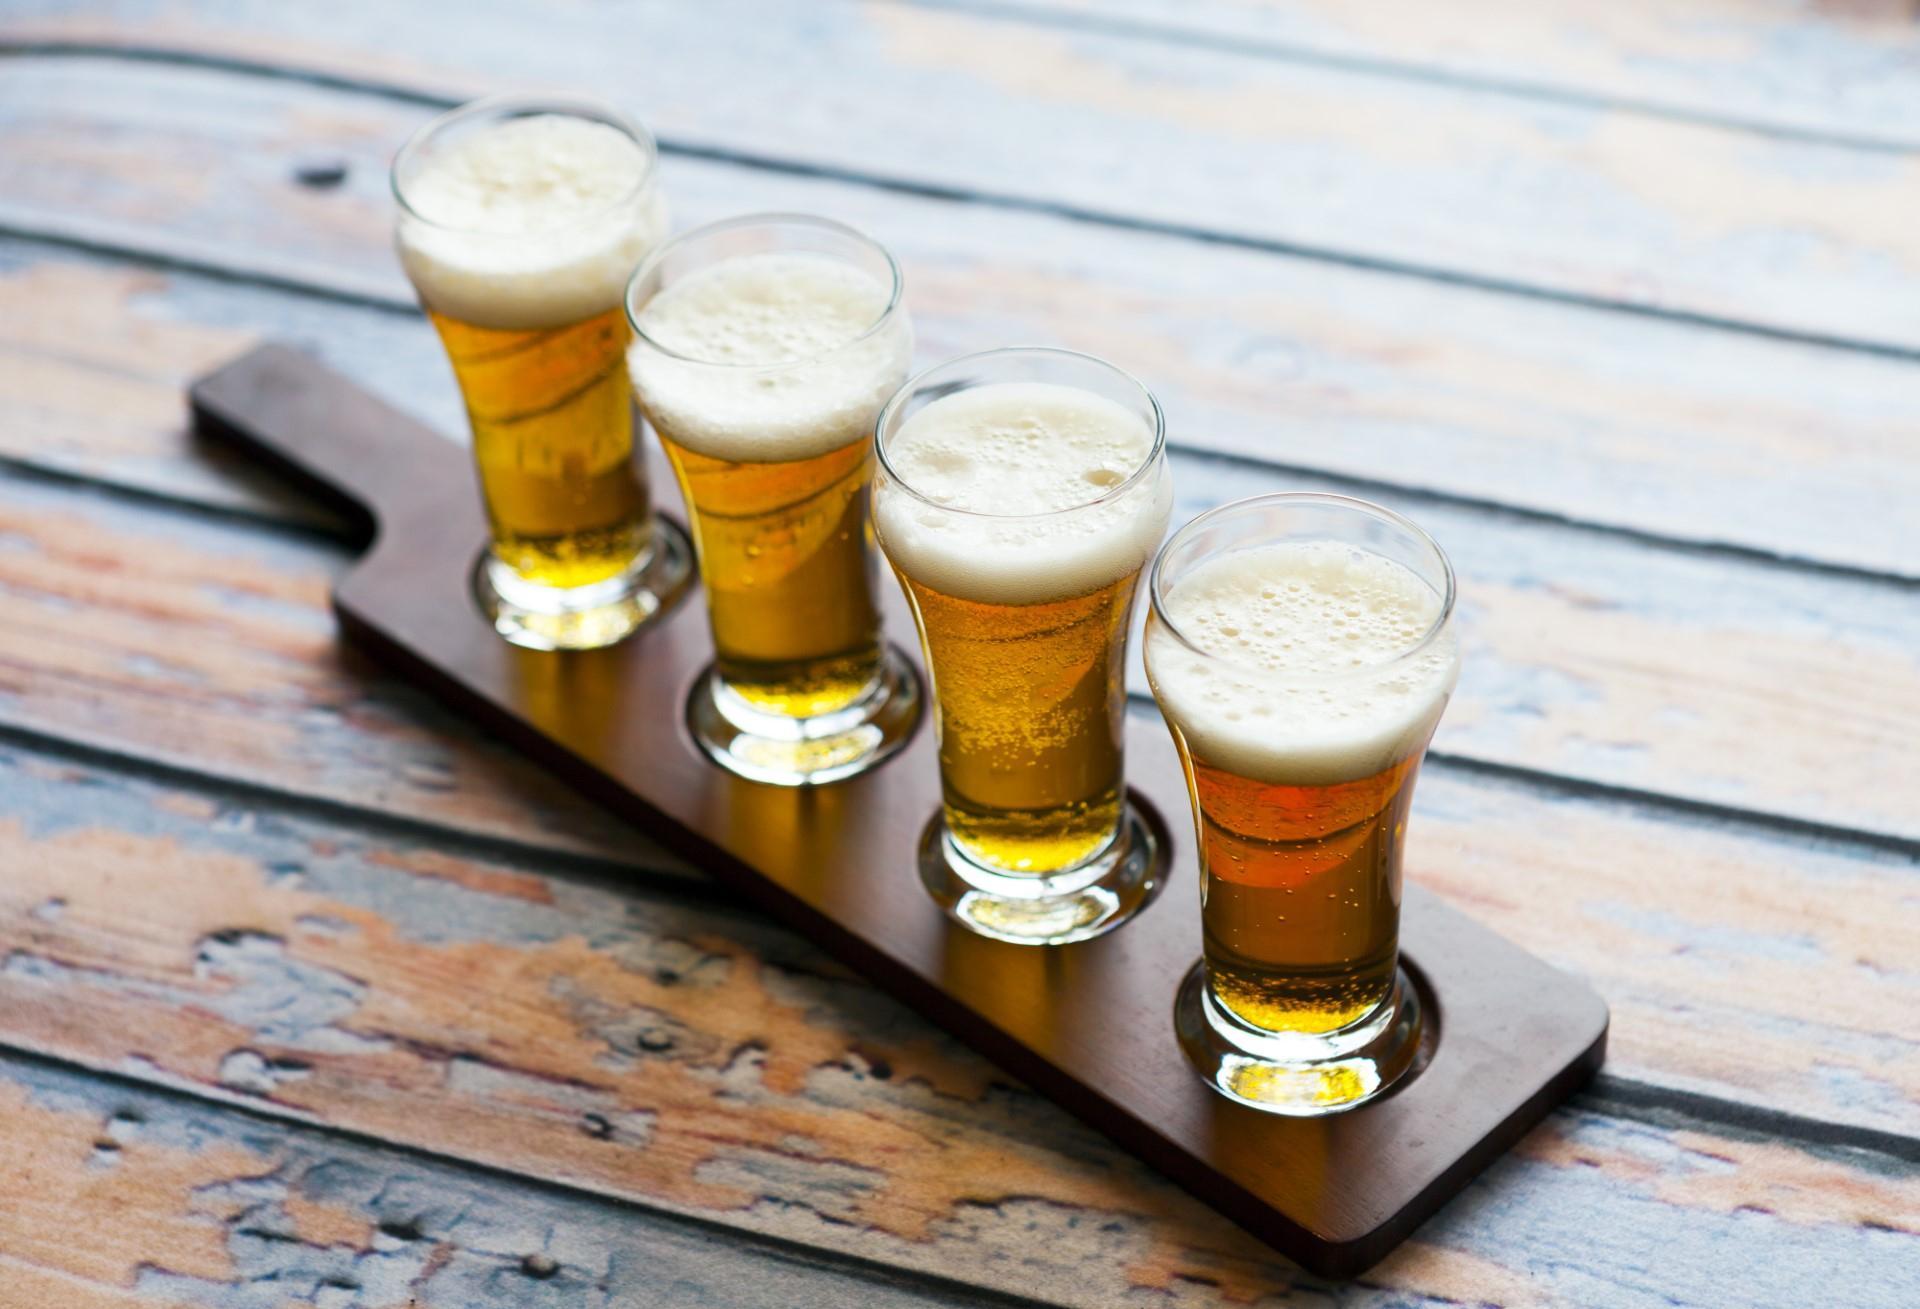 Hotel Brauerei Folga Polen: 4 Nächte inkl. Bier-Flatrate* - 2 Personen im DZ mit Halbpension / ab 89€ p.P (10. - 12. Mai und ab 17. Oktober)